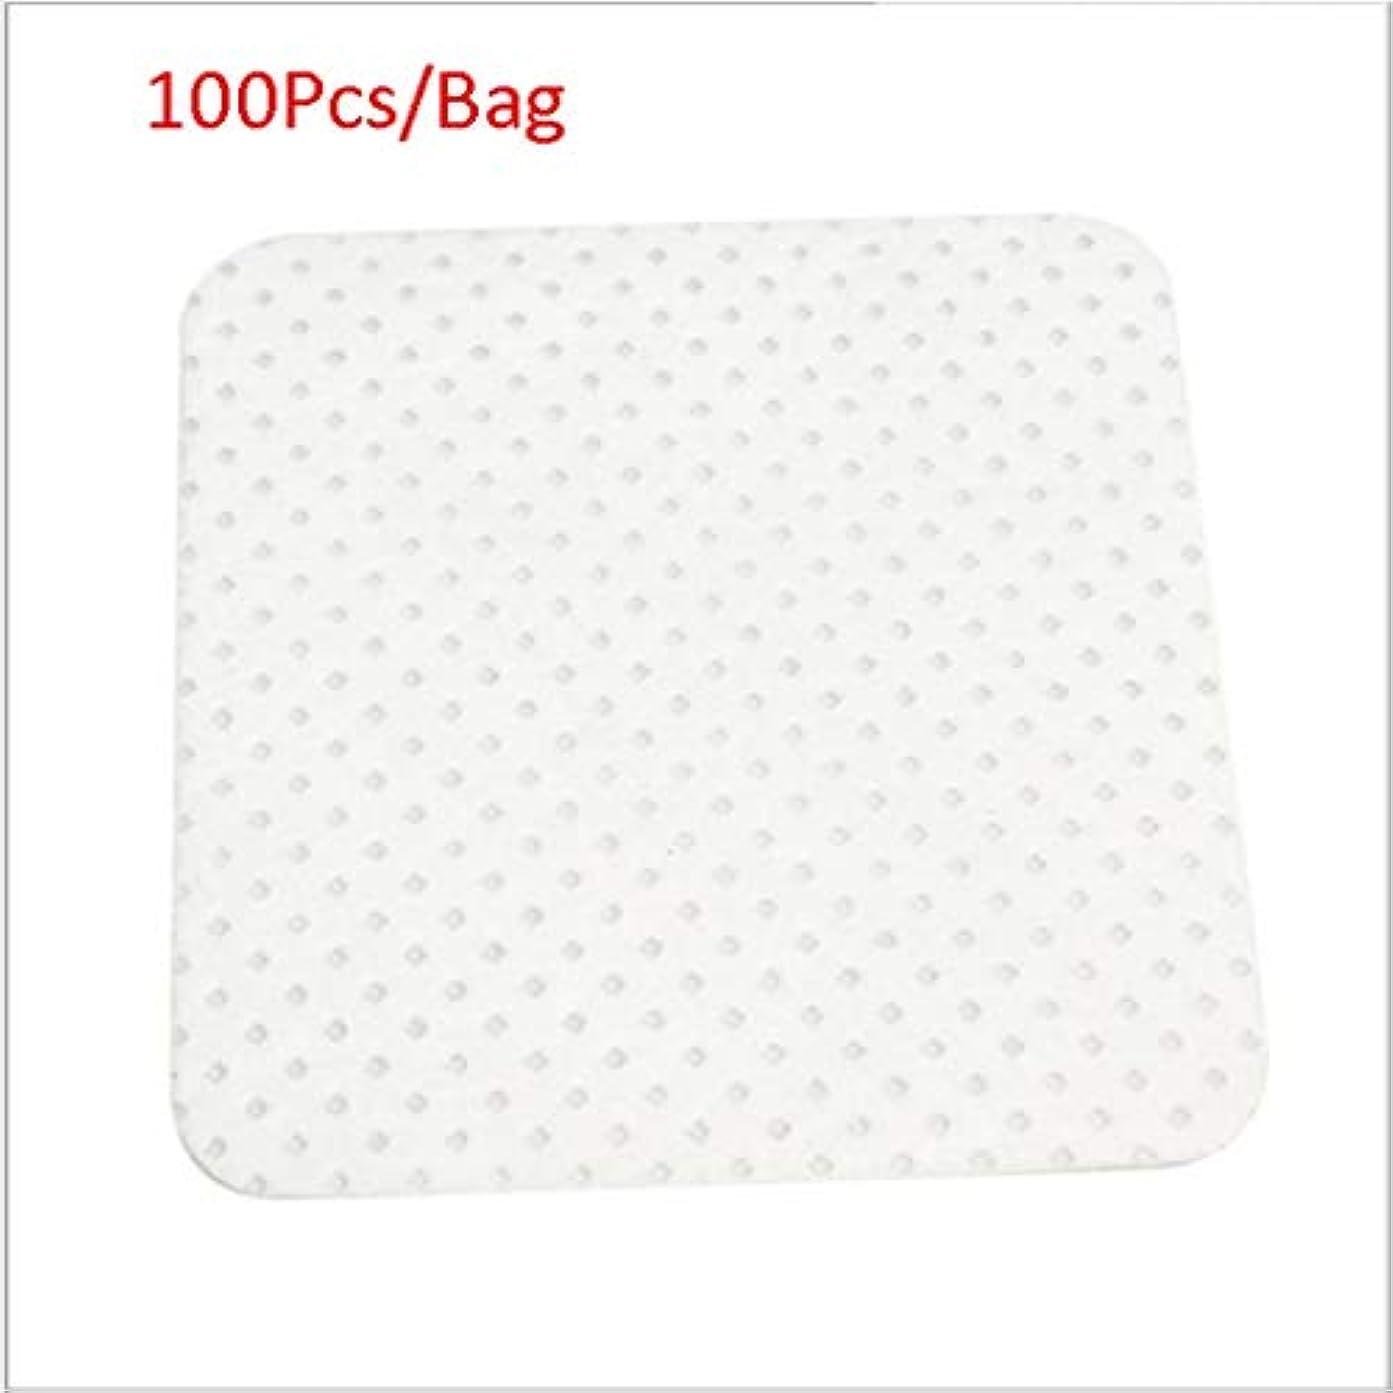 縁石広々快いクレンジングシート 100ピース/バッグ使い捨てまつげエクステンションのり取りコットンパッドボトル口拭きパッチメイク化粧品クリーニングツール (Color : White, サイズ : 5*5cm)